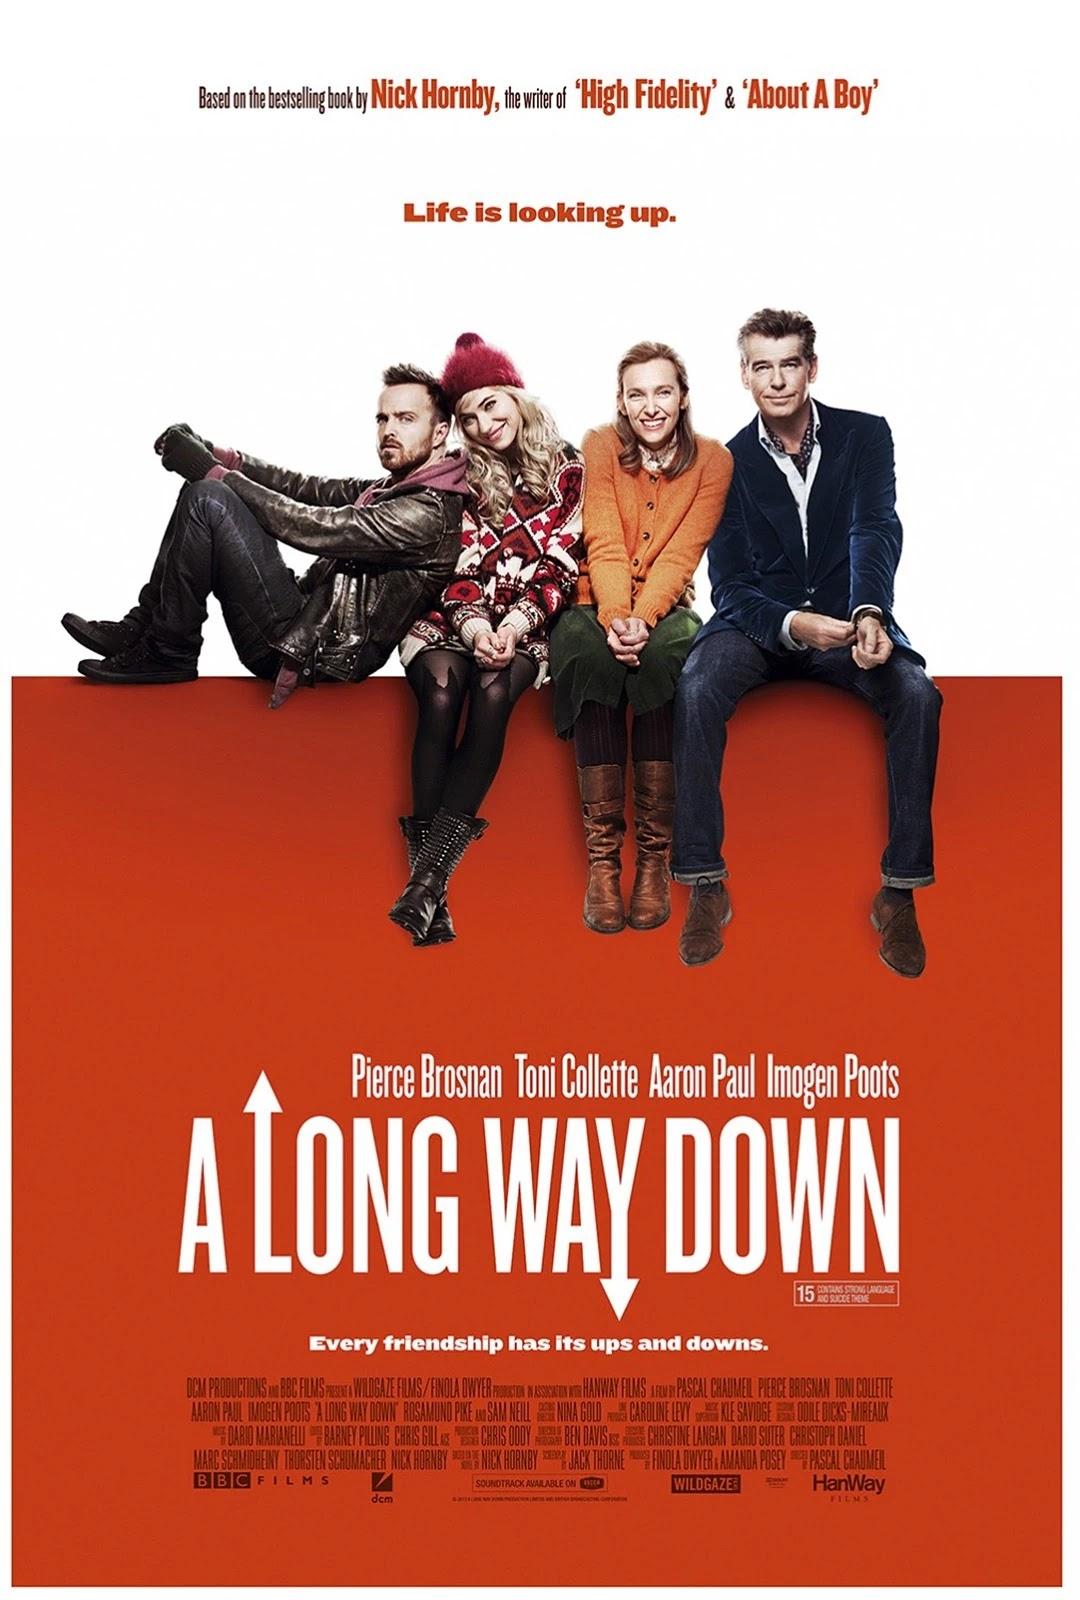 a long way down,往下跳,自殺四人組